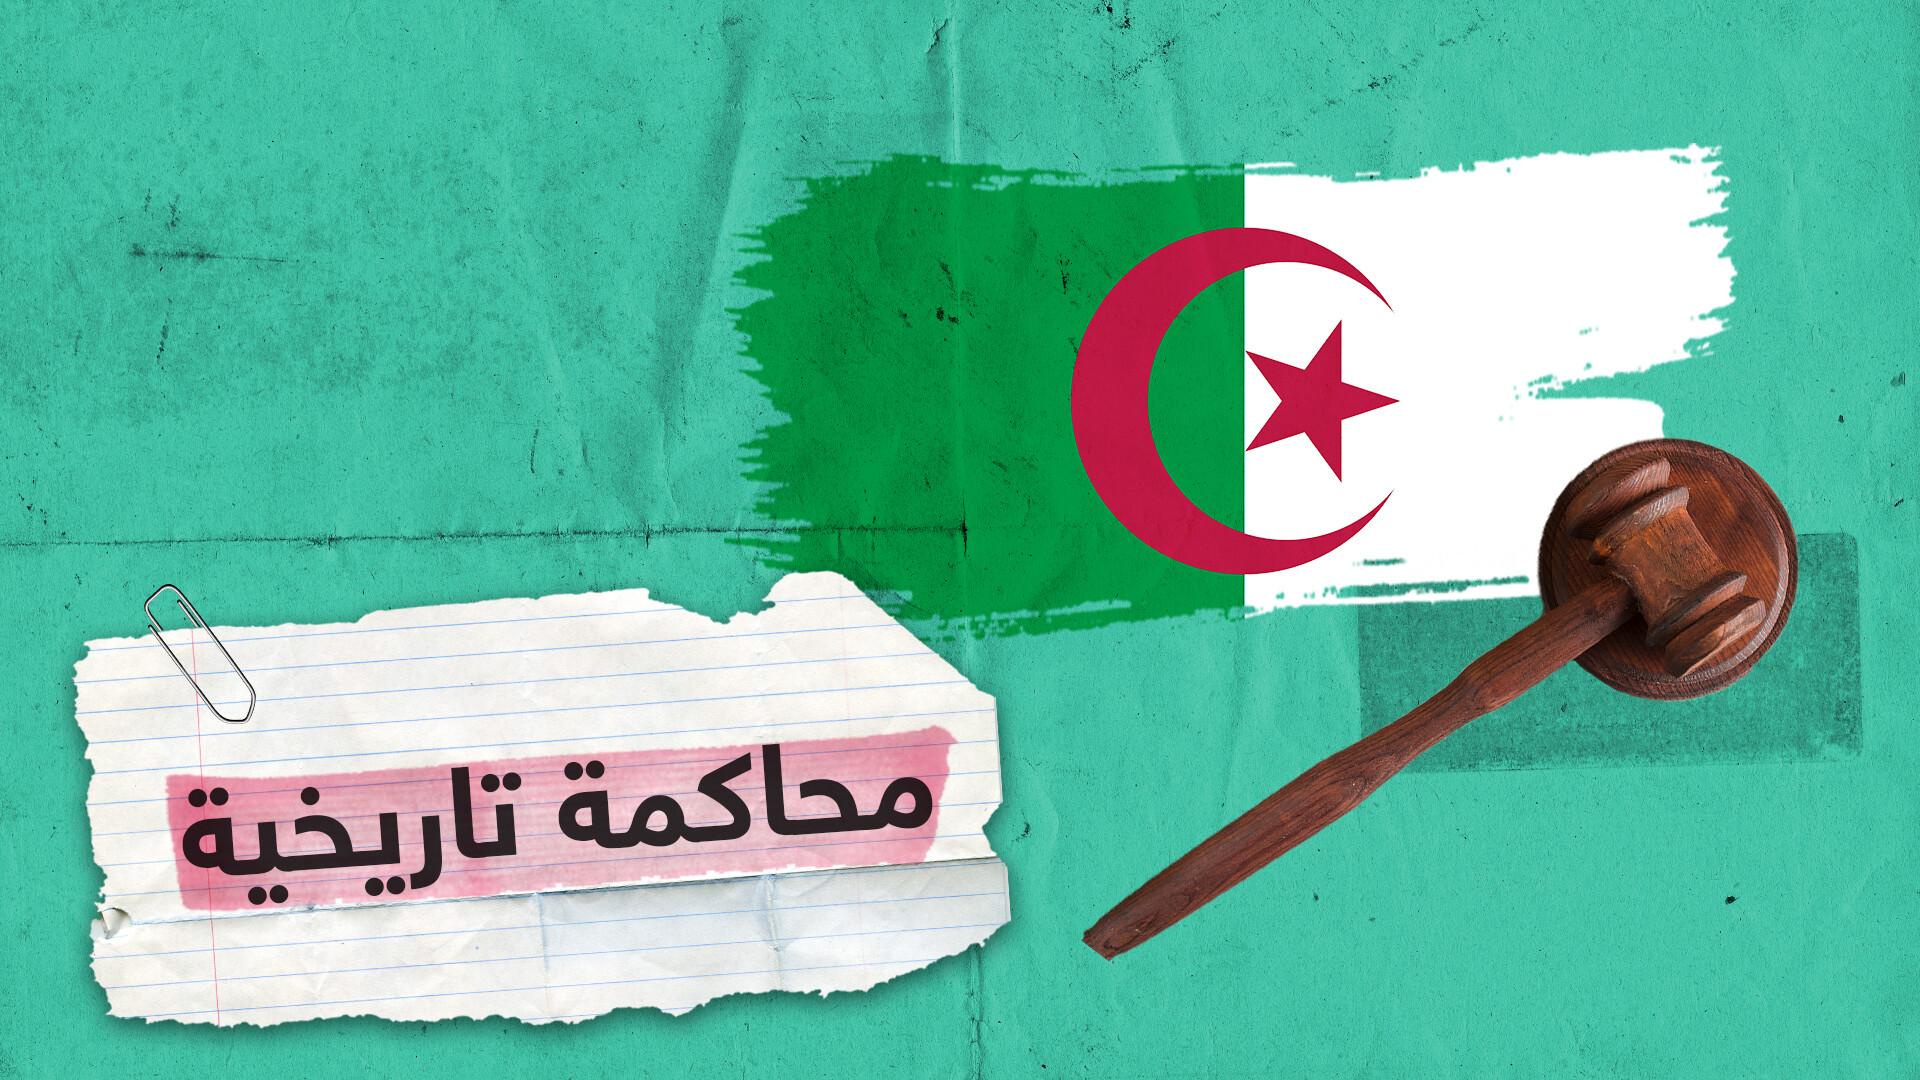 يوم تاريخي بالجزائر..  3 من كبار رؤوس نظام بوتفليقة أمام المحكمة